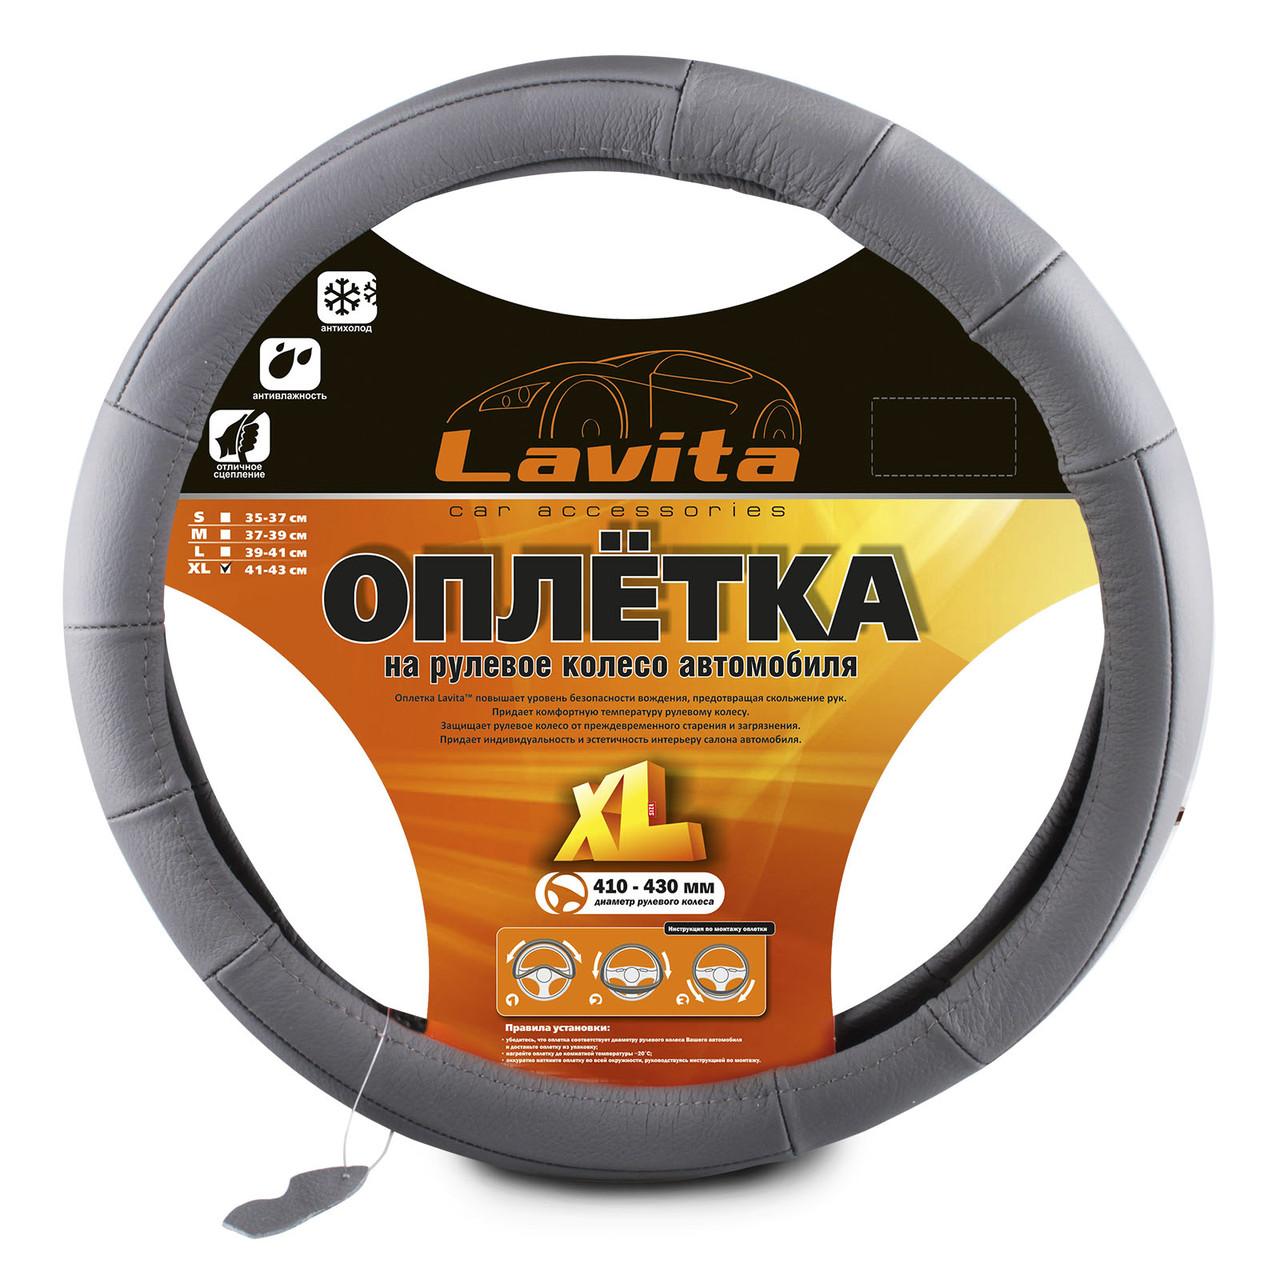 Чохол на руль шкіряний Lavita LA 26-ZP37-4-XL